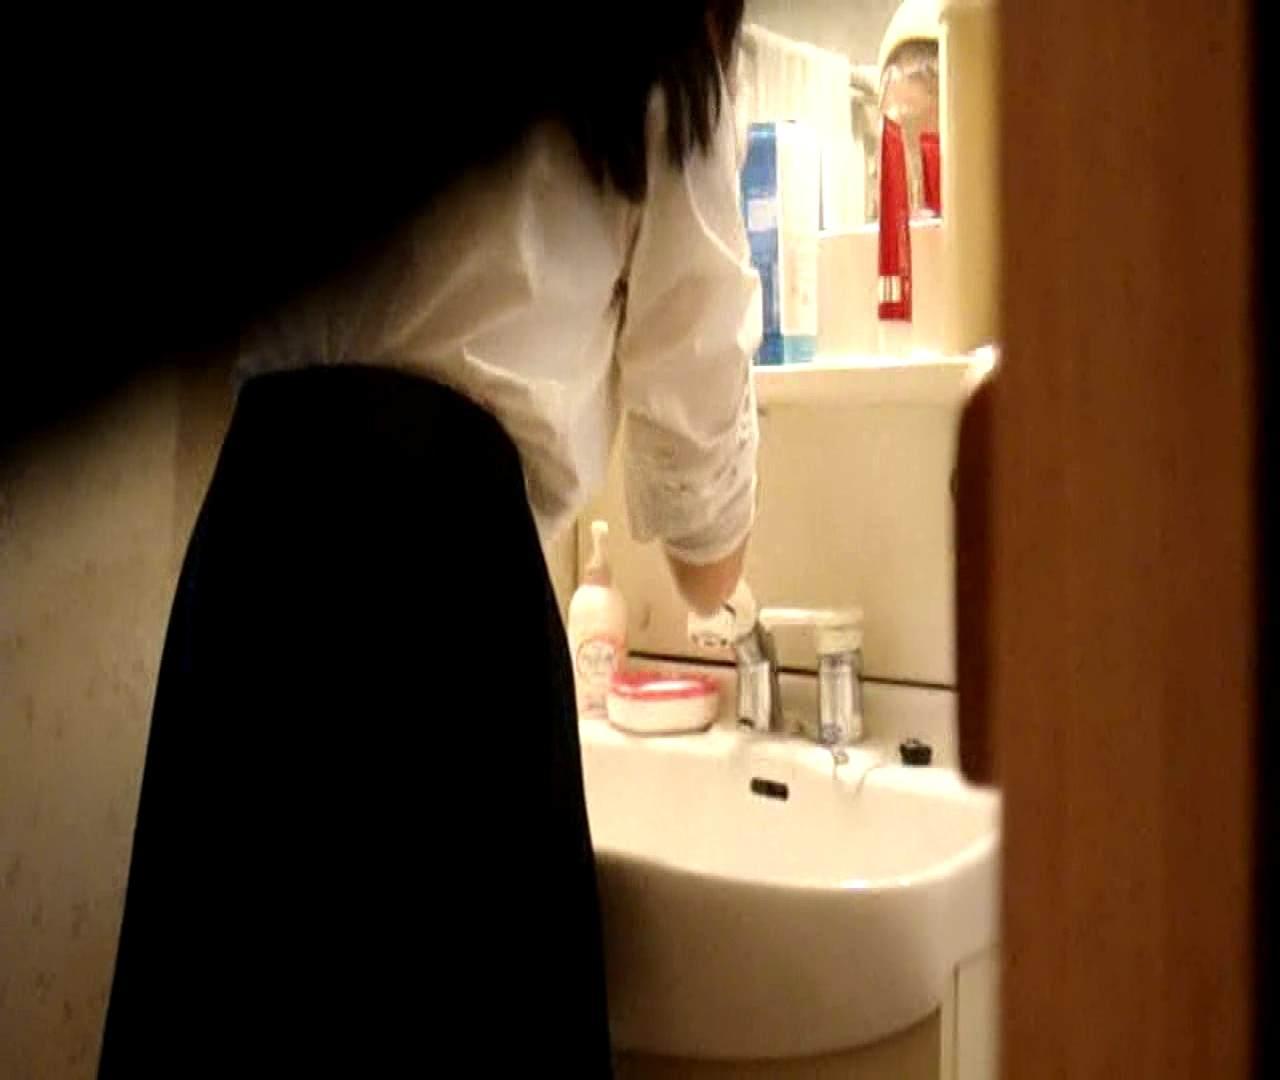 二人とも育てた甲斐がありました… vol.05 まどかが洗顔後にブラを洗濯 盗撮特集   おまんこ  86画像 43